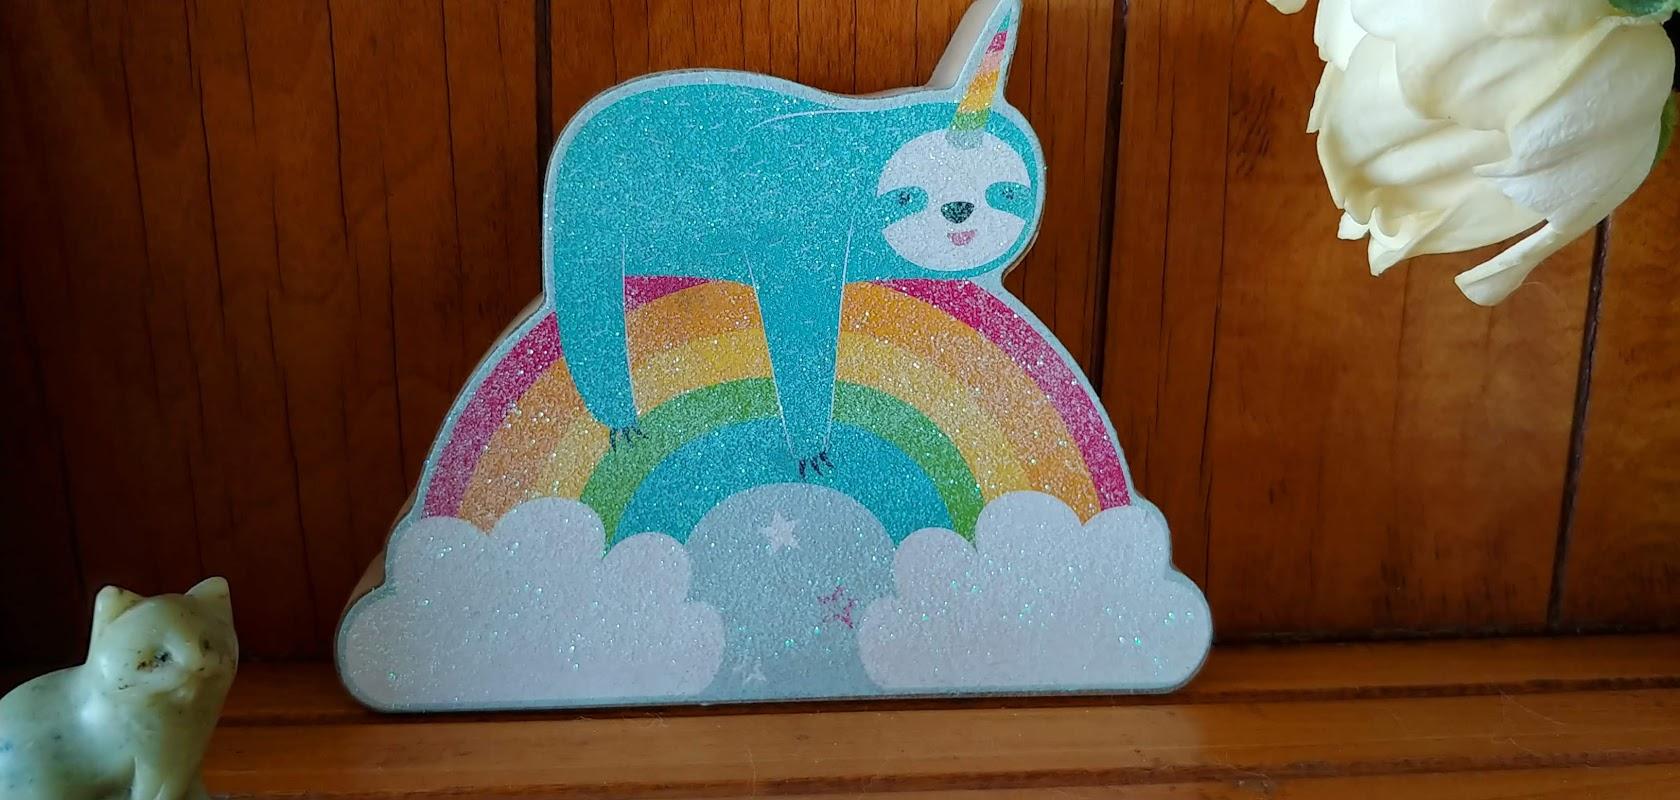 unicorn sloth on a rainbow